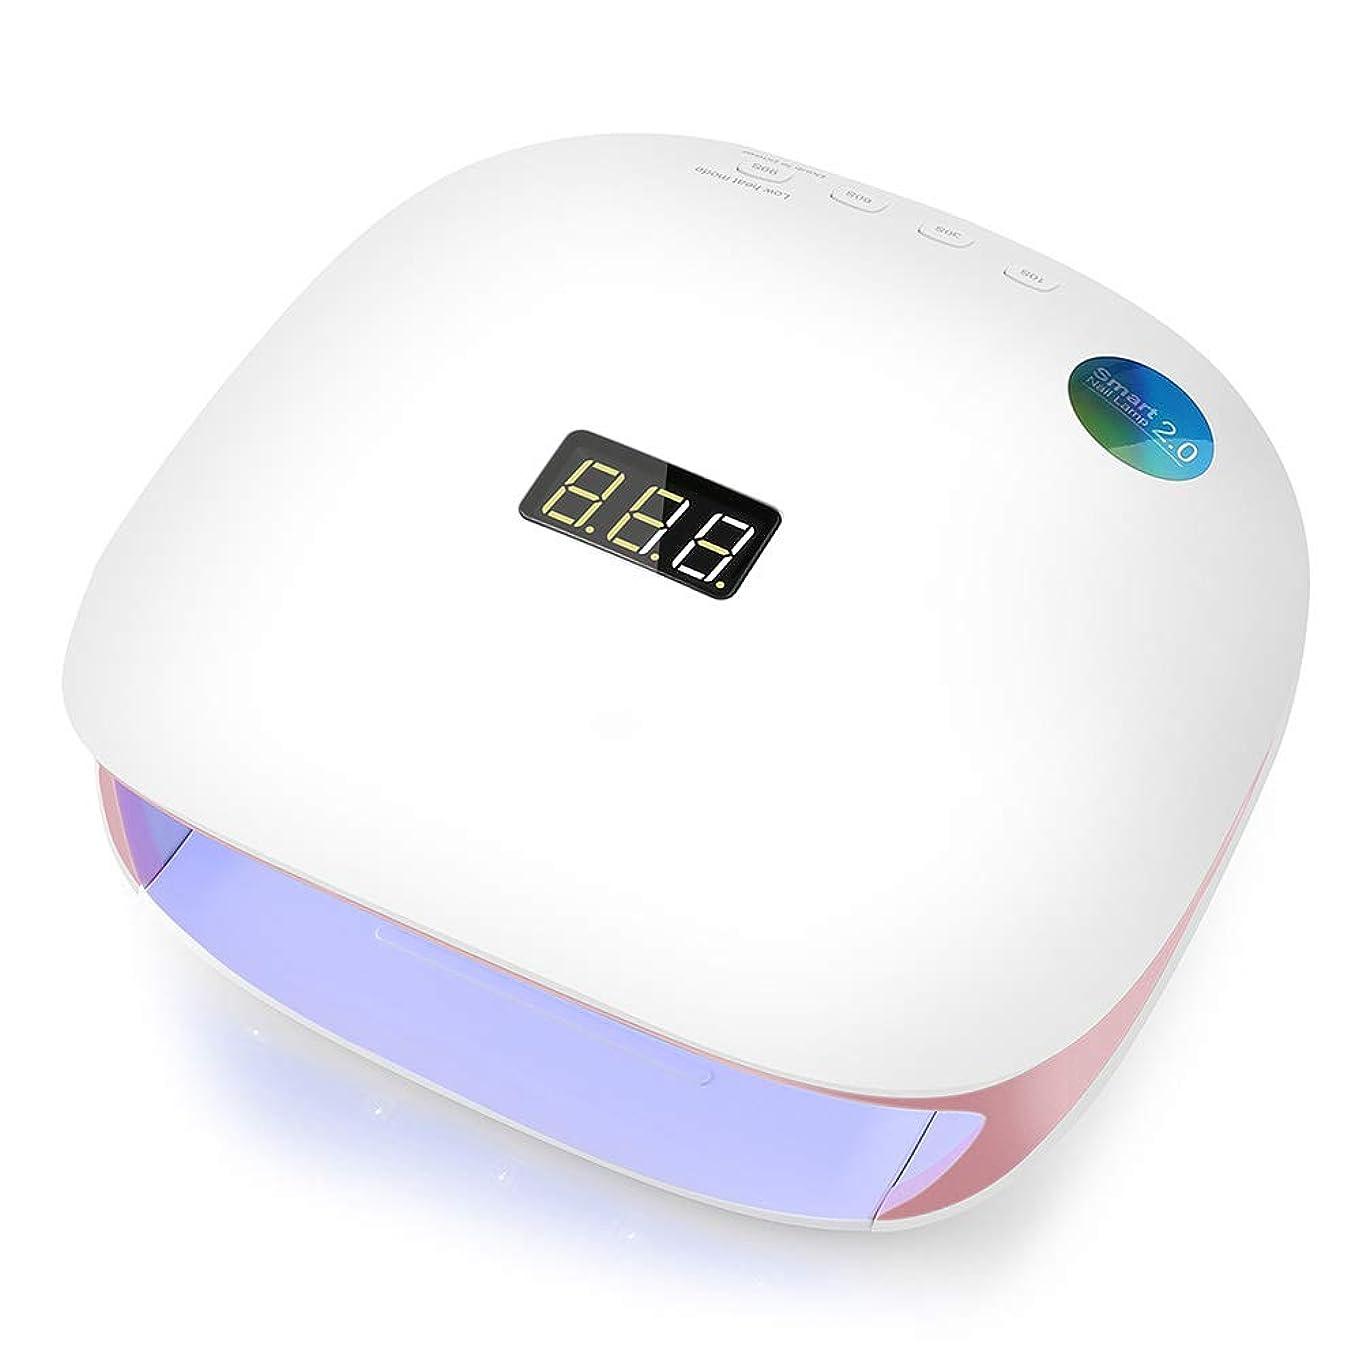 貸し手予想する登るセンサーが付いているゲルの磨くことのための LED の釘ライト48W の専門の紫外線爪の乾燥剤4つのタイマー LCD の表示および二重速度 (ピンク)